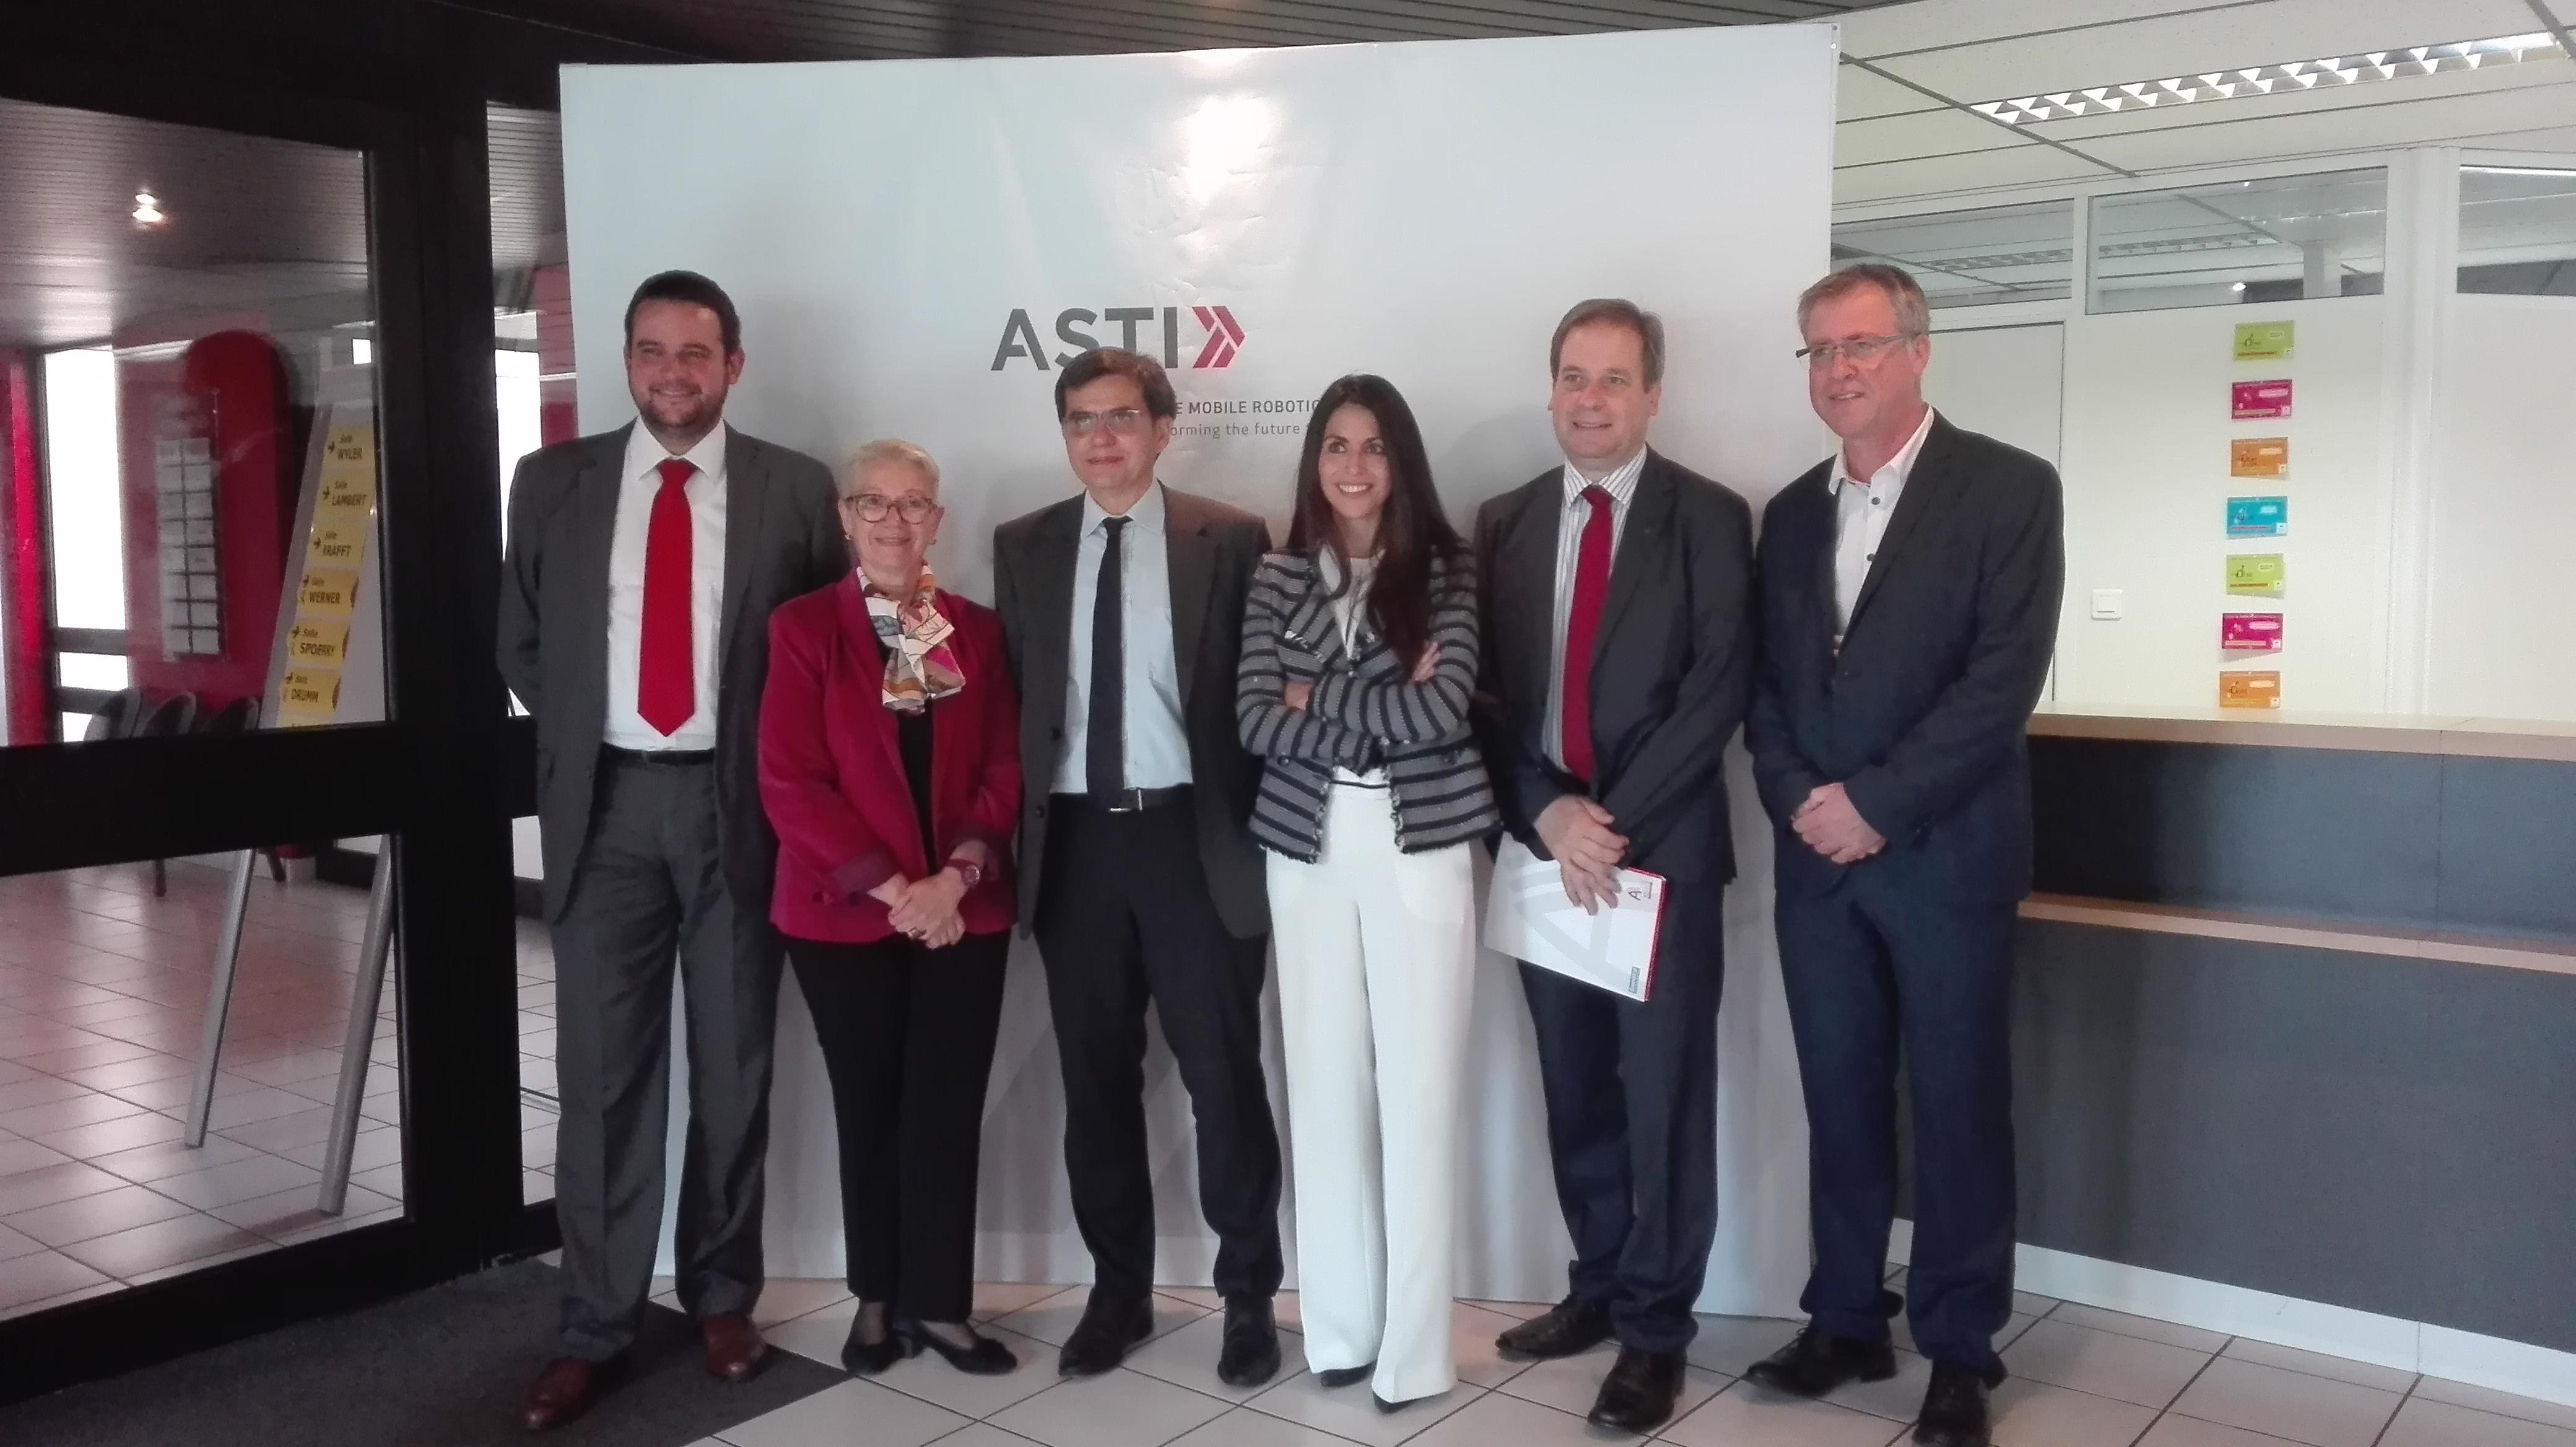 ASTI inaugura en Francia su primera filial europea para reforzar la calidad y cercanía en el servicio al cliente